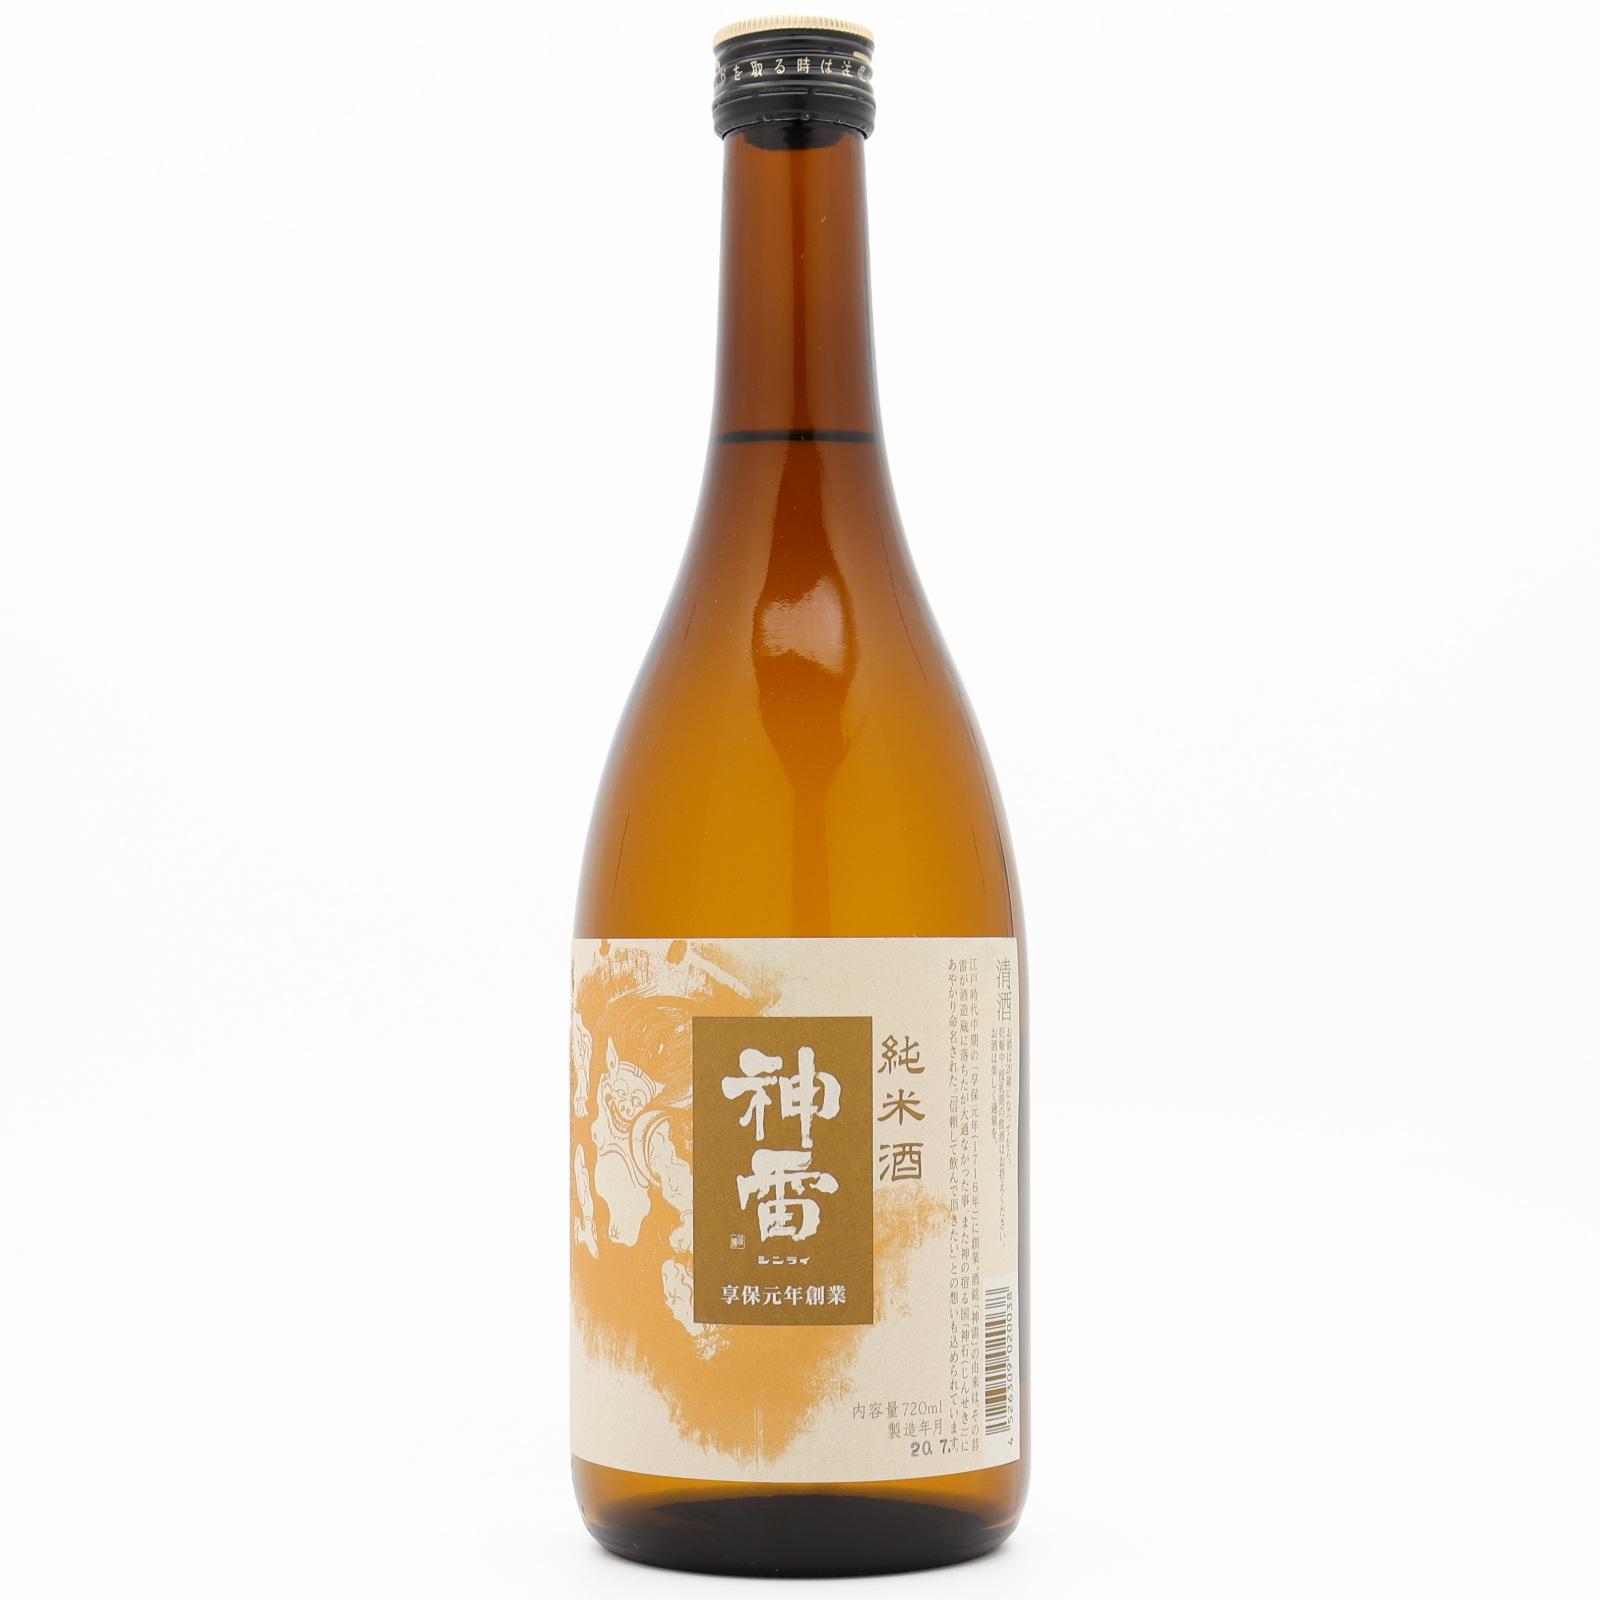 神雷 純米酒